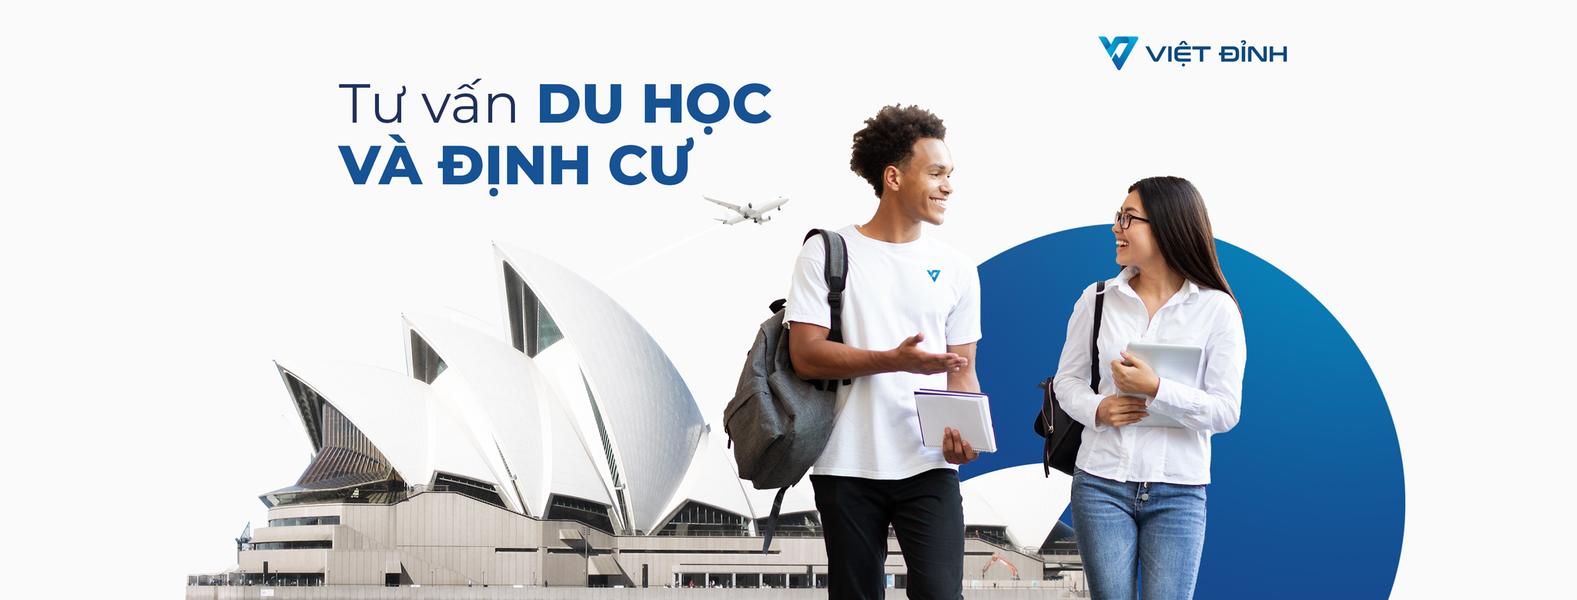 Top 5 trung tâm tư vấn du học Úc đáng tin cậy tại TP.HCM - 1